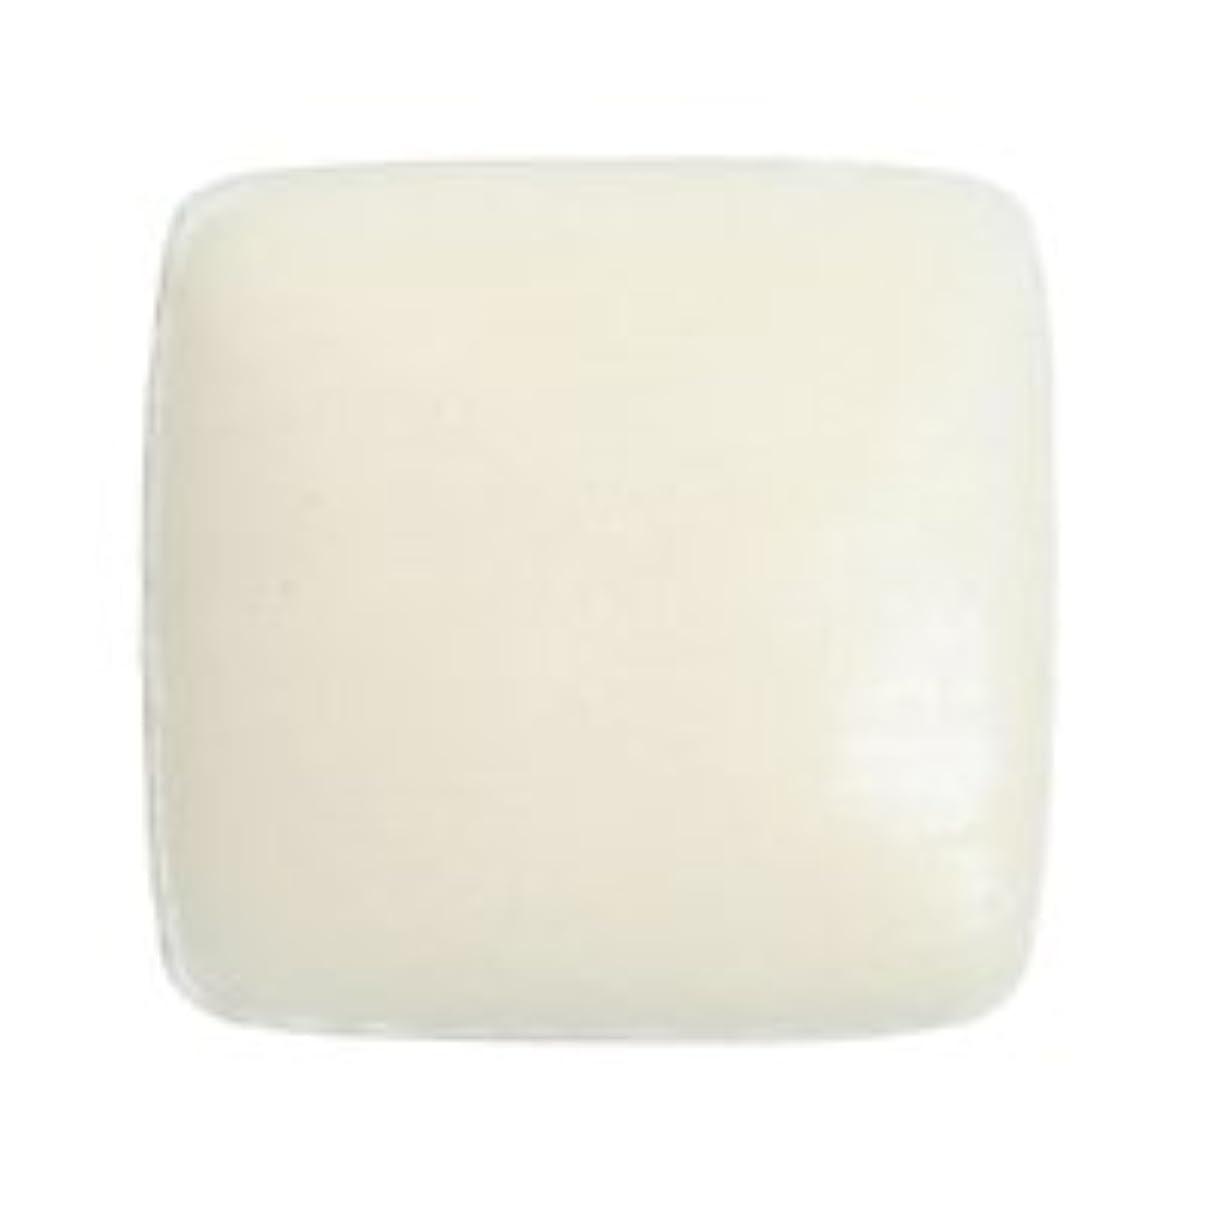 衣類ファンブル肥満ドクターY ホワイトクレイソープ80g 固形石鹸